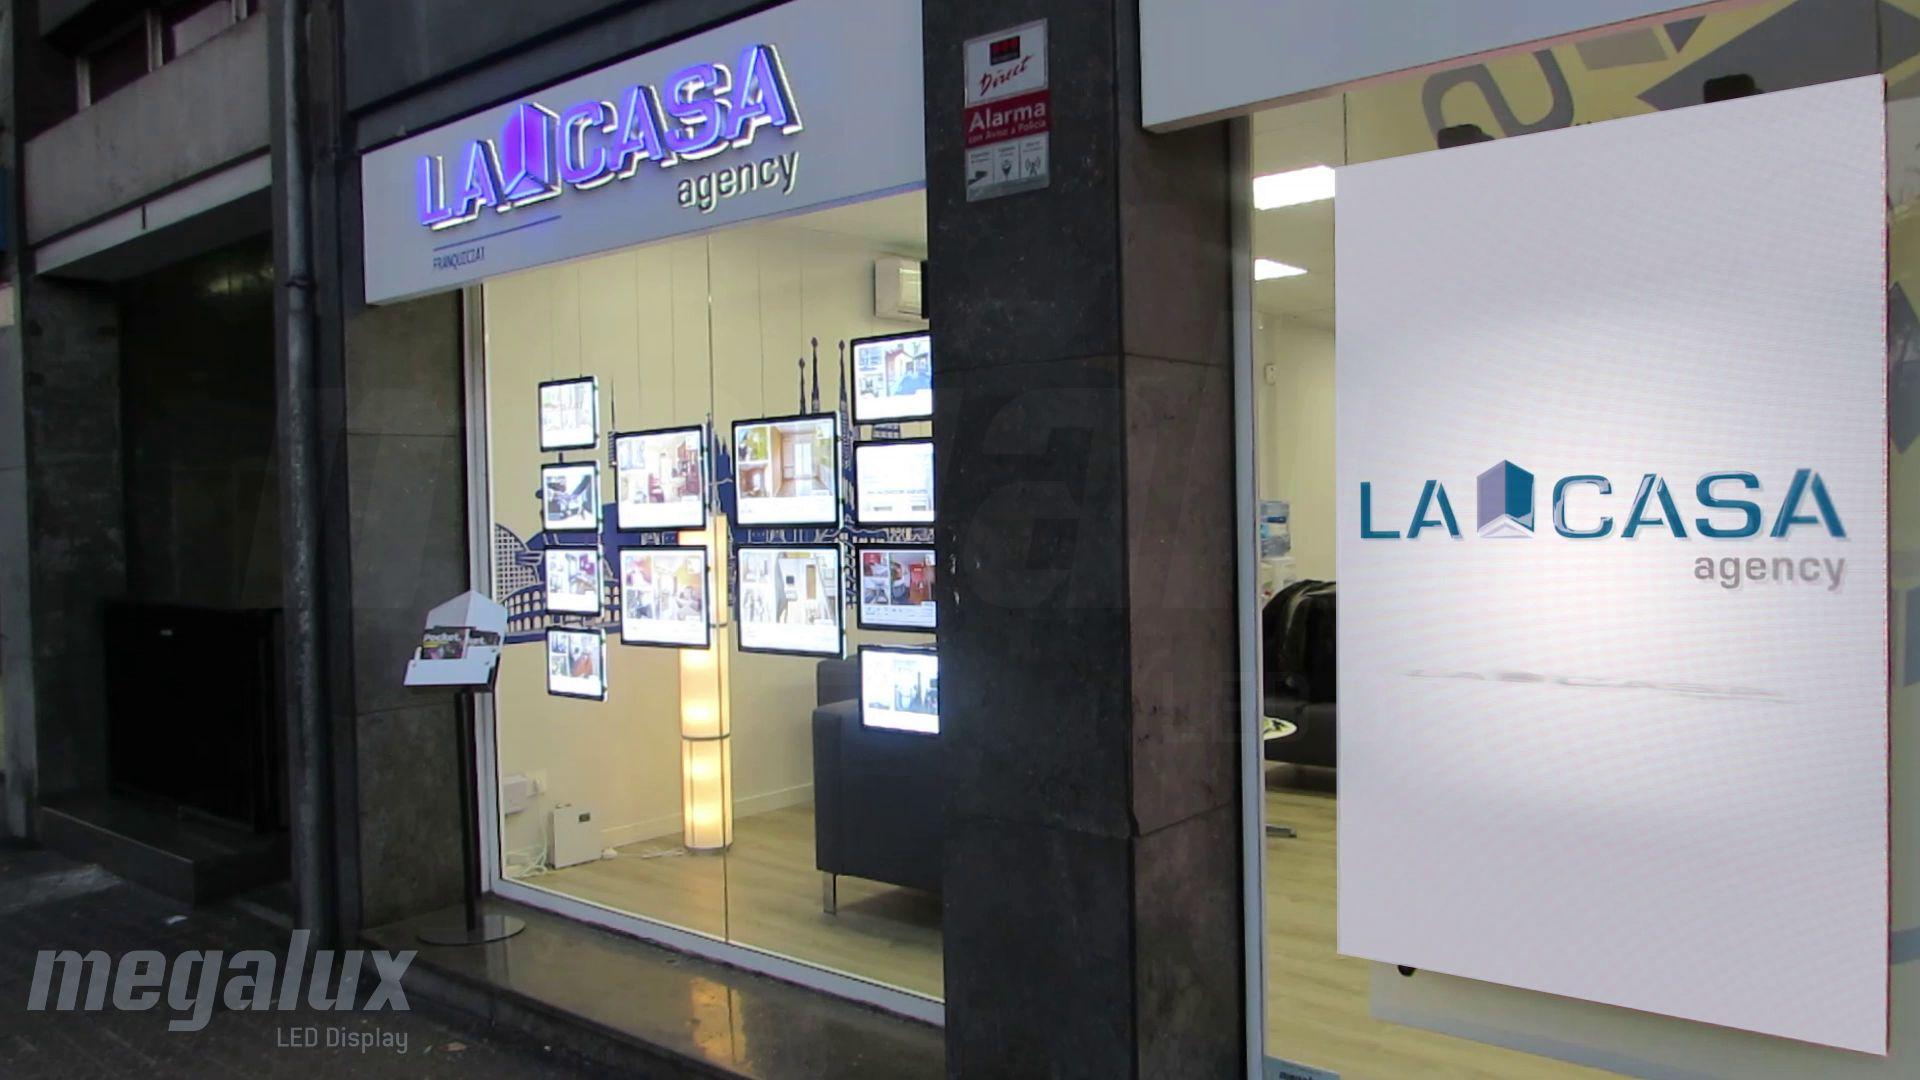 El grupo inmobiliario La Casa Agency añade otra pantalla Megalux en Barcelona